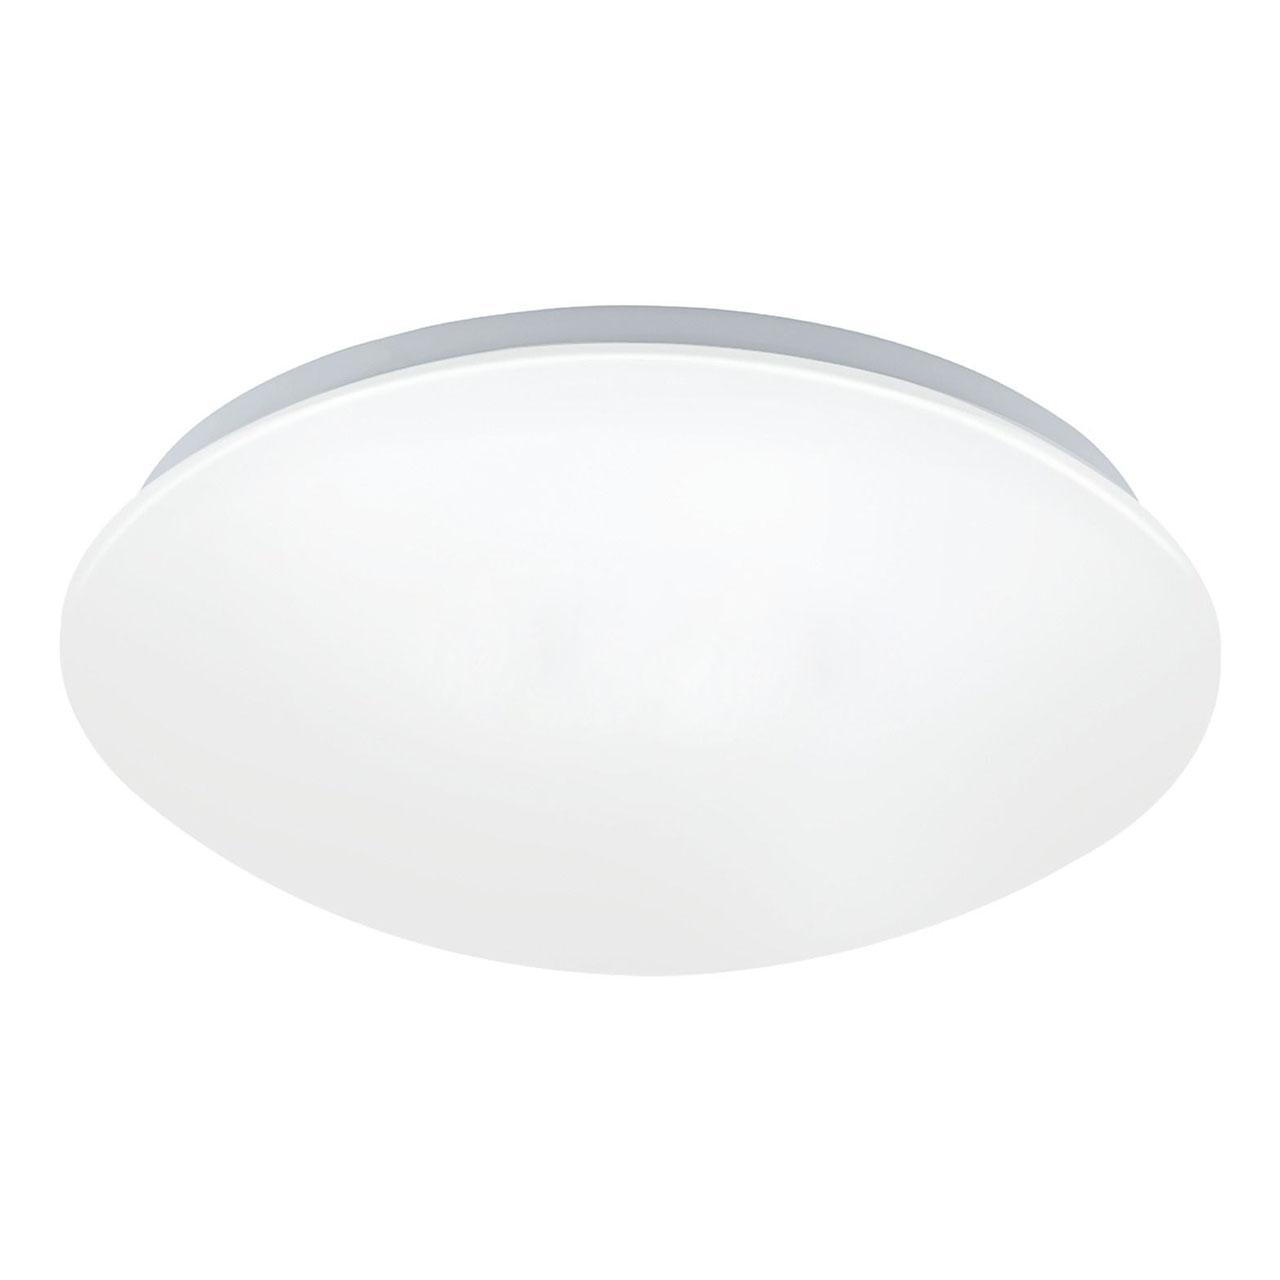 Потолочный светодиодный светильник Eglo Giron-M 97103 потолочный светодиодный светильник eglo giron m 97101